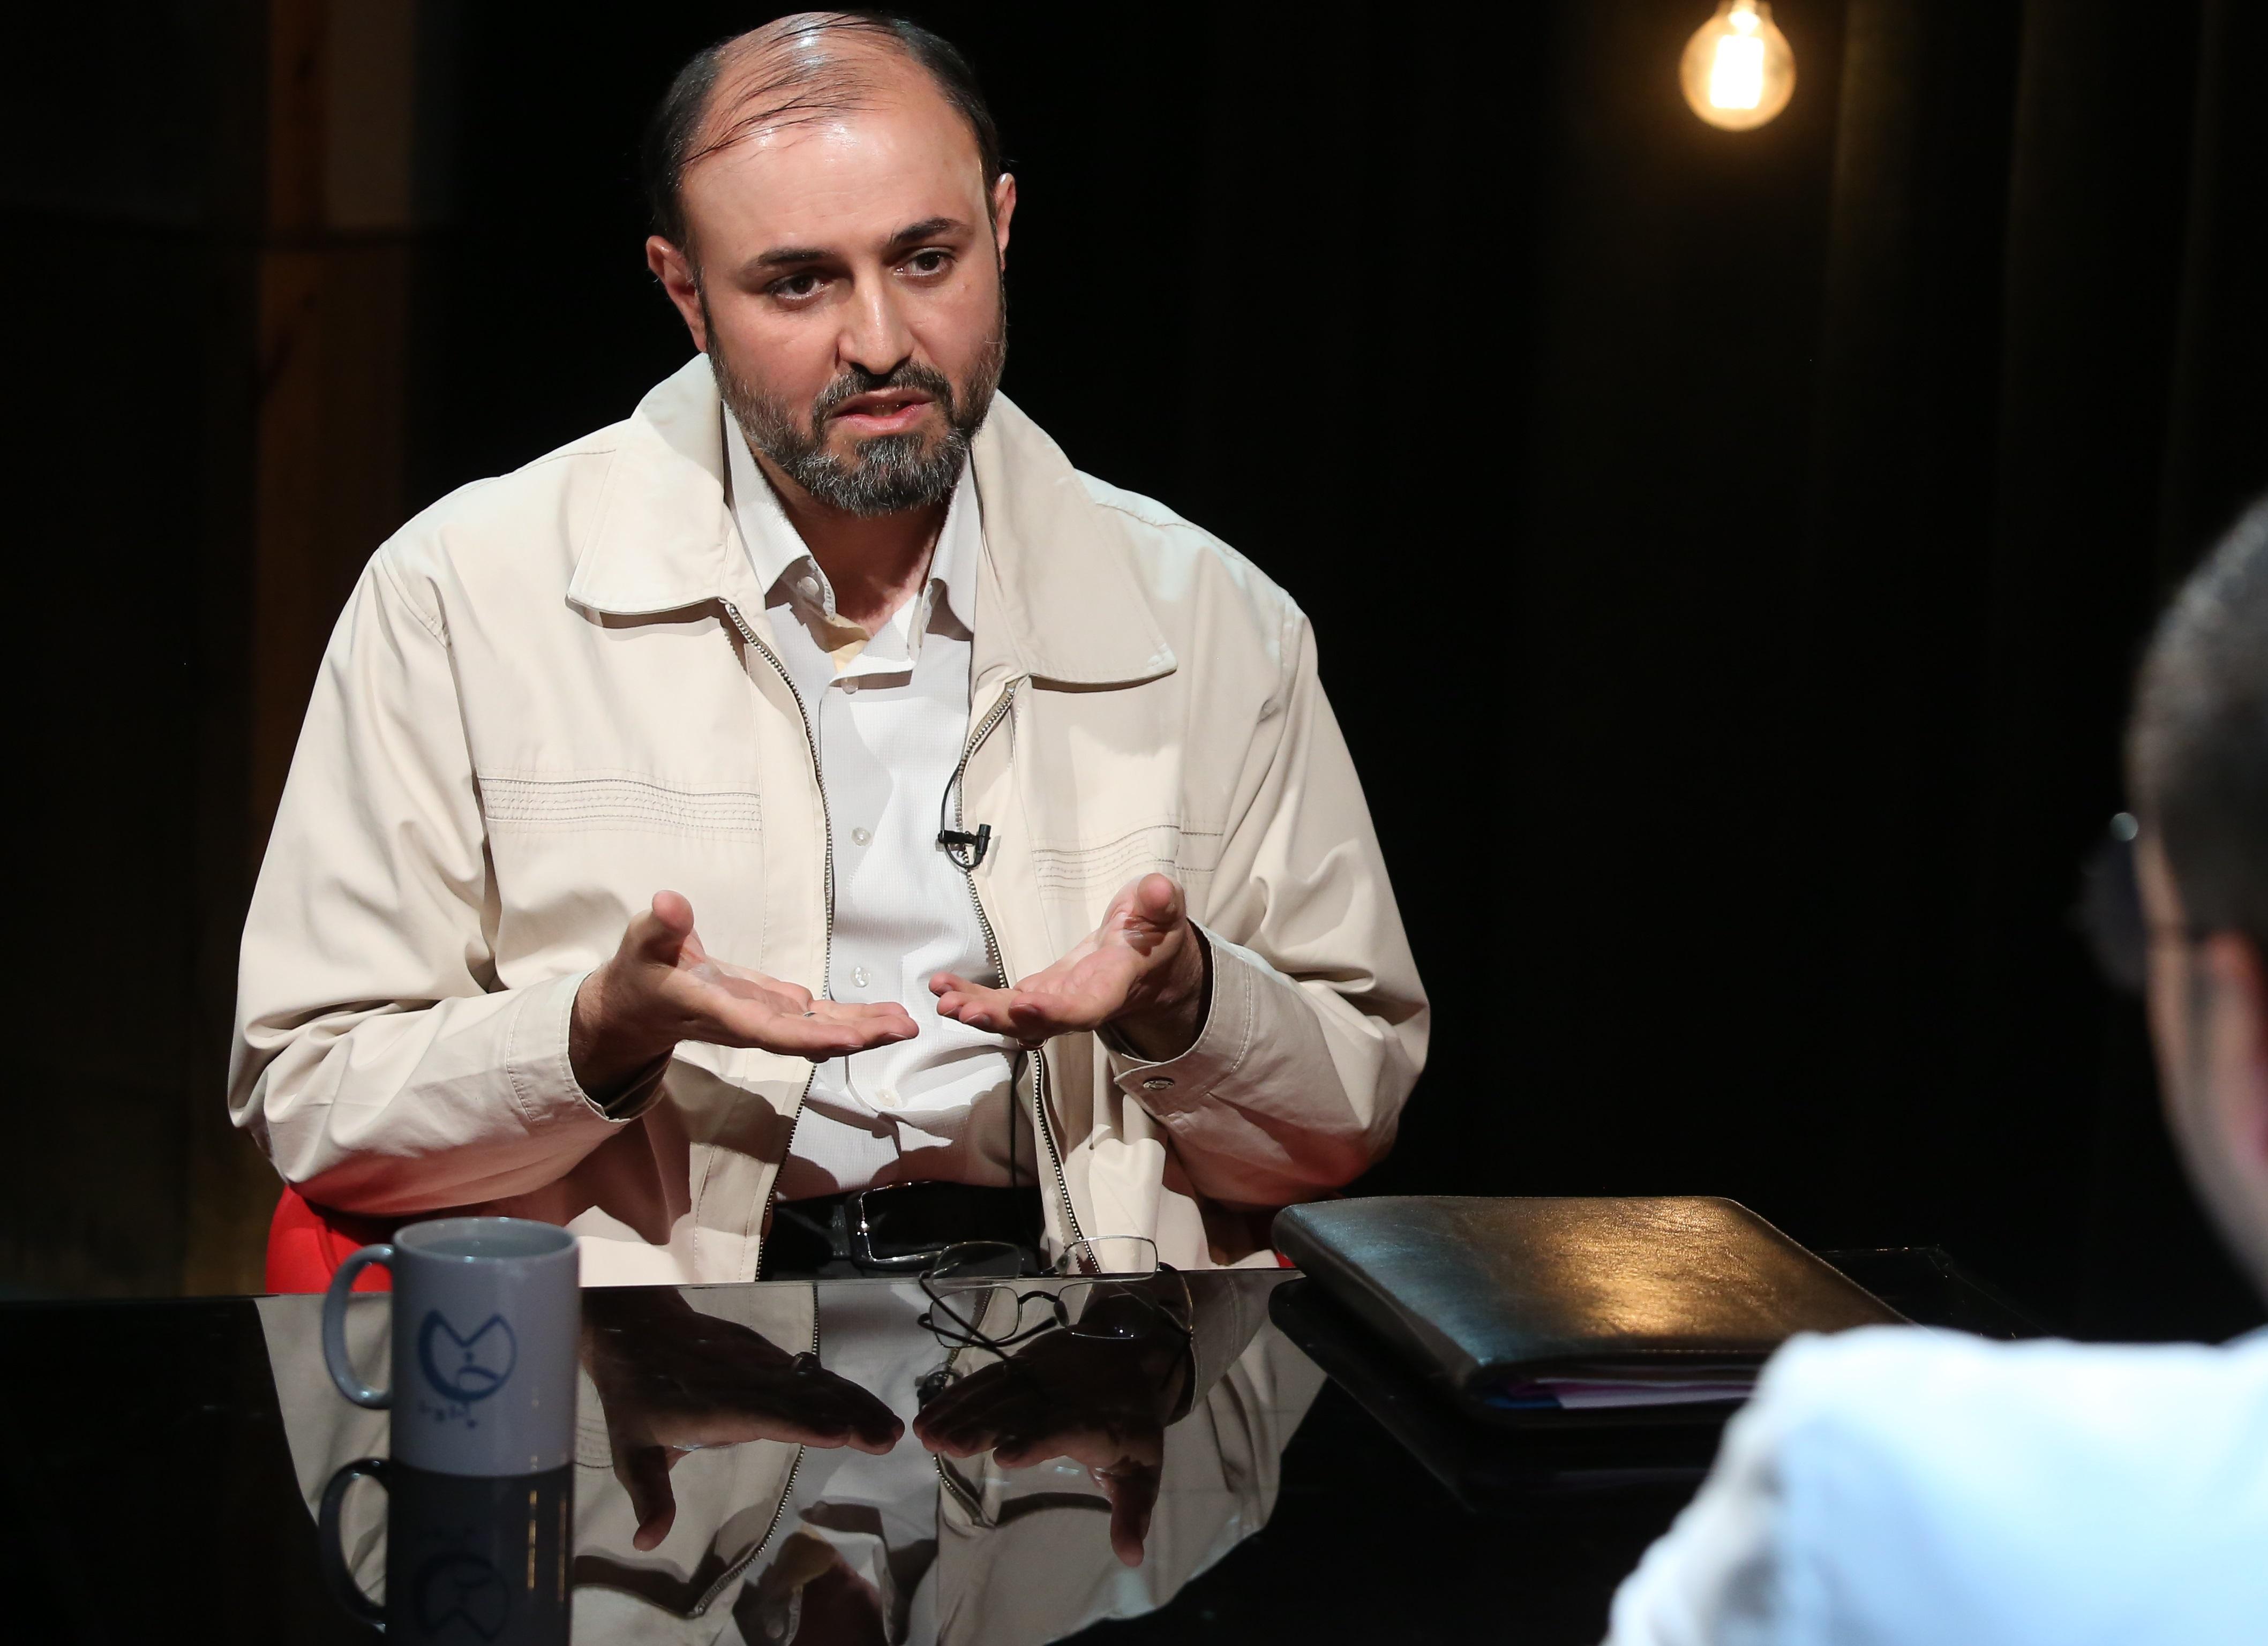 خلاصه گفتوگوی برنامه «۱۰:۱۰ دقیقه» با علی اصغر پیوندی رئیس جمعیت هلال احمر کشور